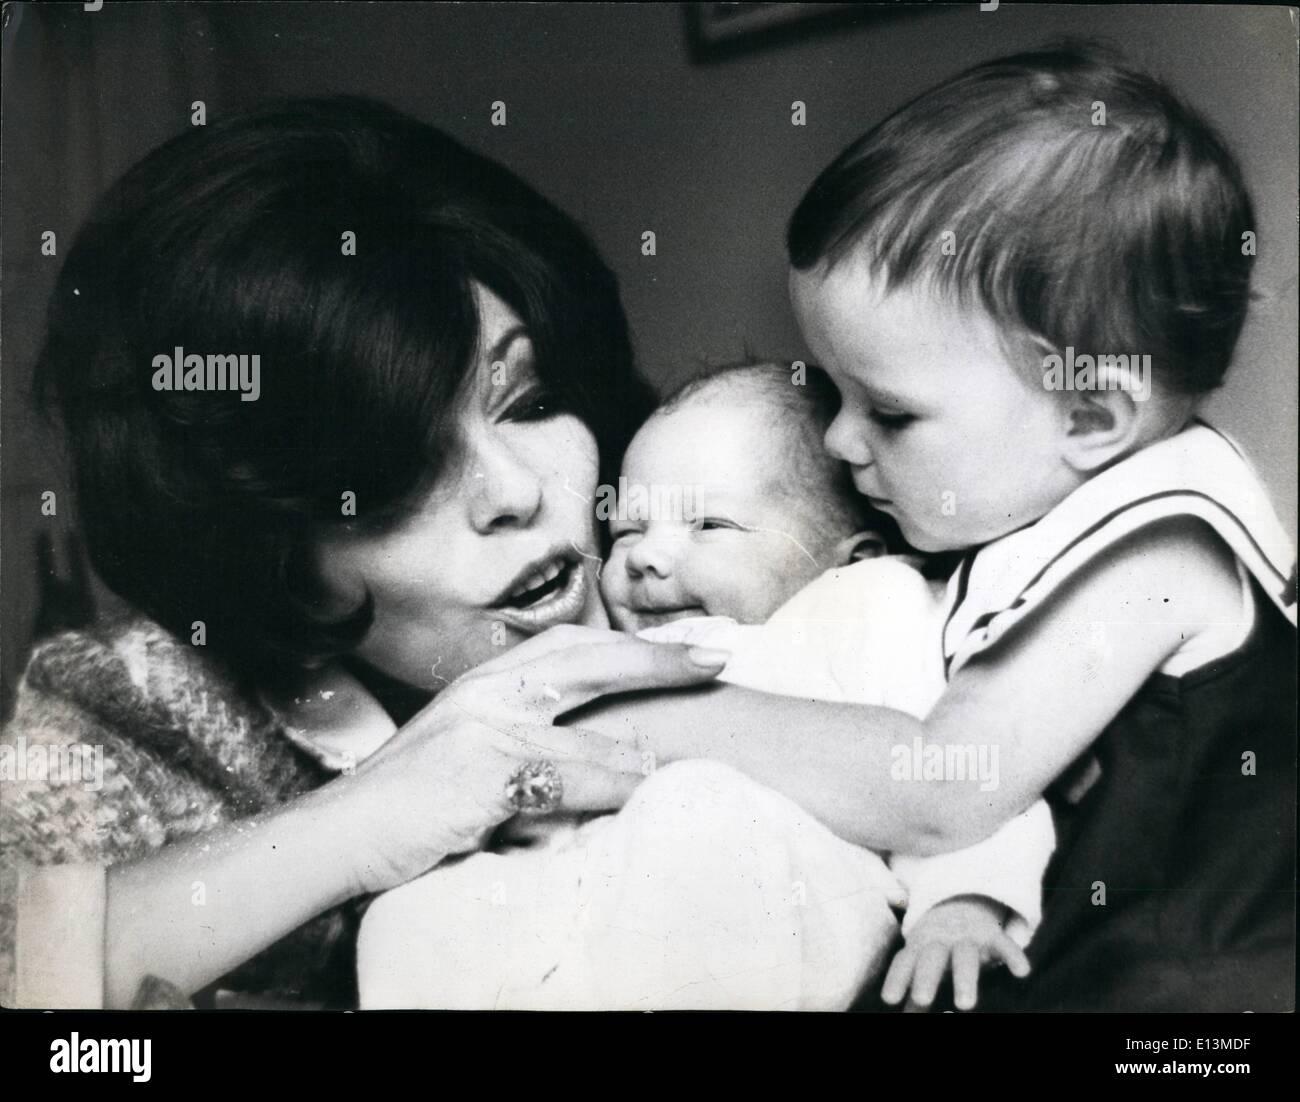 """Martes 22 de marzo, 2012 - Joan Collins con la hija y el bebé nuevo en Nueva York. Joan Collins, quien tuvo que ir a Hollywood para ser dado el tipo de piezas, su oscura belleza sensual gritó, actualmente está viviendo la vida de una esposa y madre de Nueva York. Se casó con Anthony Newley, que figuran actualmente en su propio musical ''El rugido del Greasepaint y la concha de la Multitud"""" que fracasó en Londres y resultó ser un éxito rotundo en Nueva York, Joan ahora es la orgullosa madre de una niña y un niño: Tara, de dos años y seis semanas de edad Alexander, llamado Sasha, para abreviar. Imagen De Stock"""